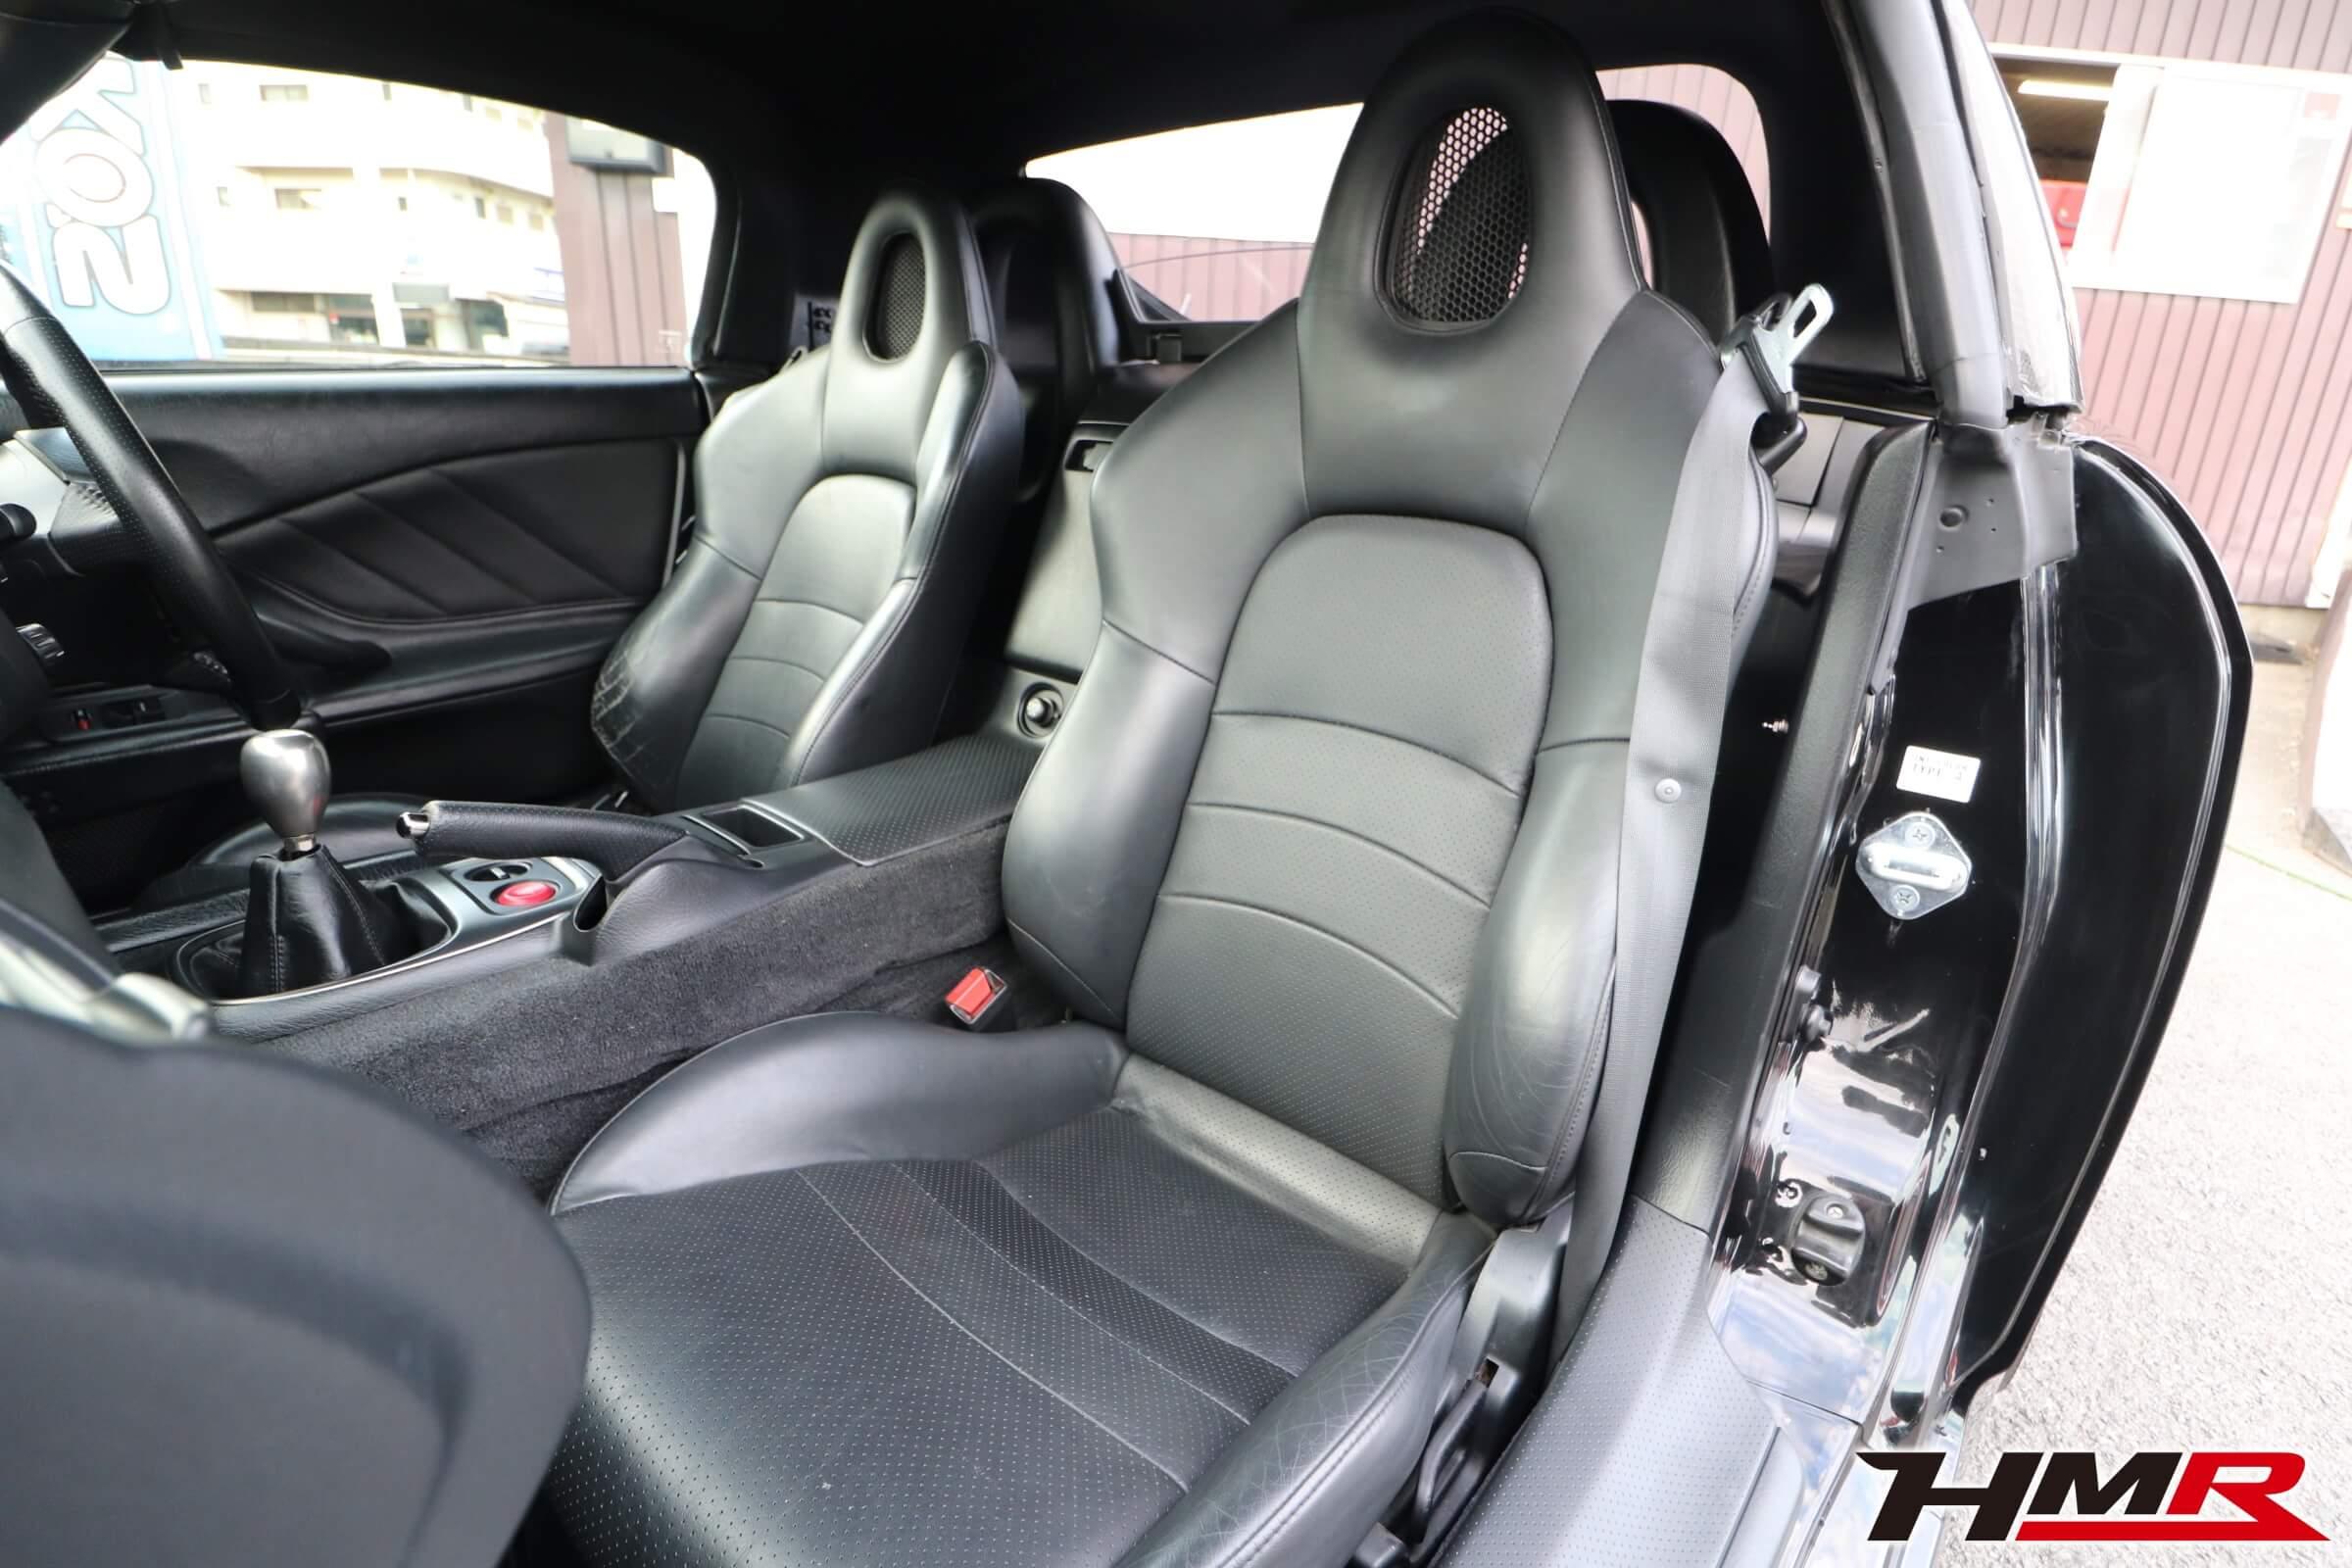 S2000(AP1) ブラックレザーシート